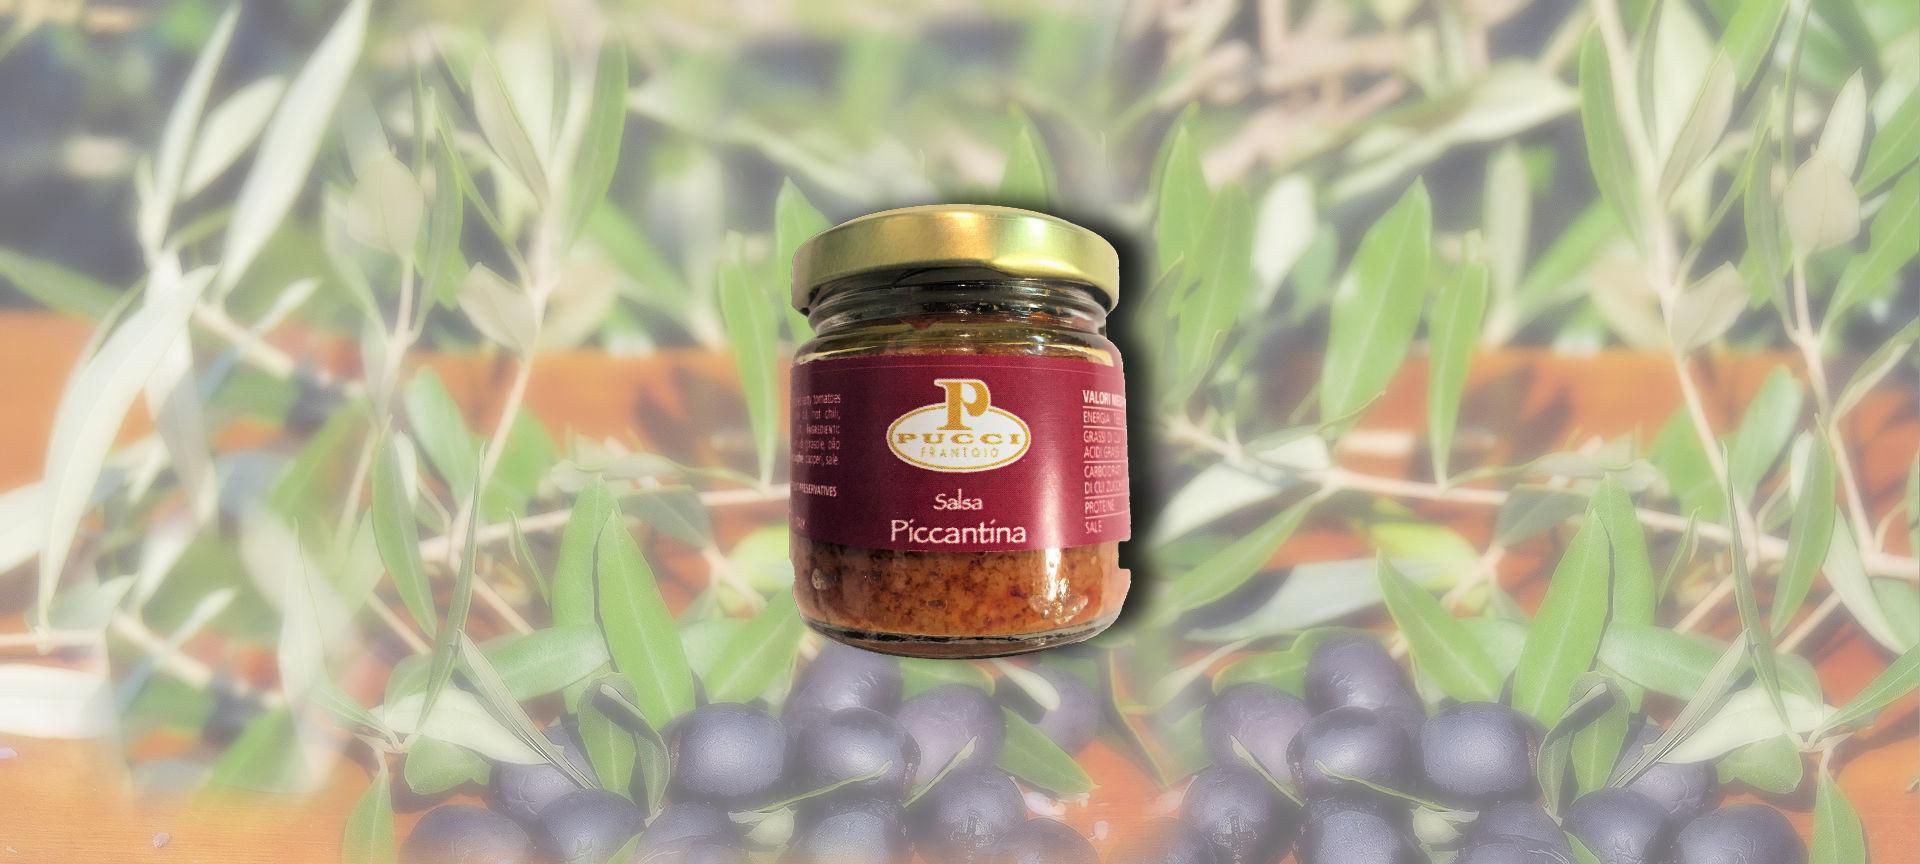 Salsa Piccantina